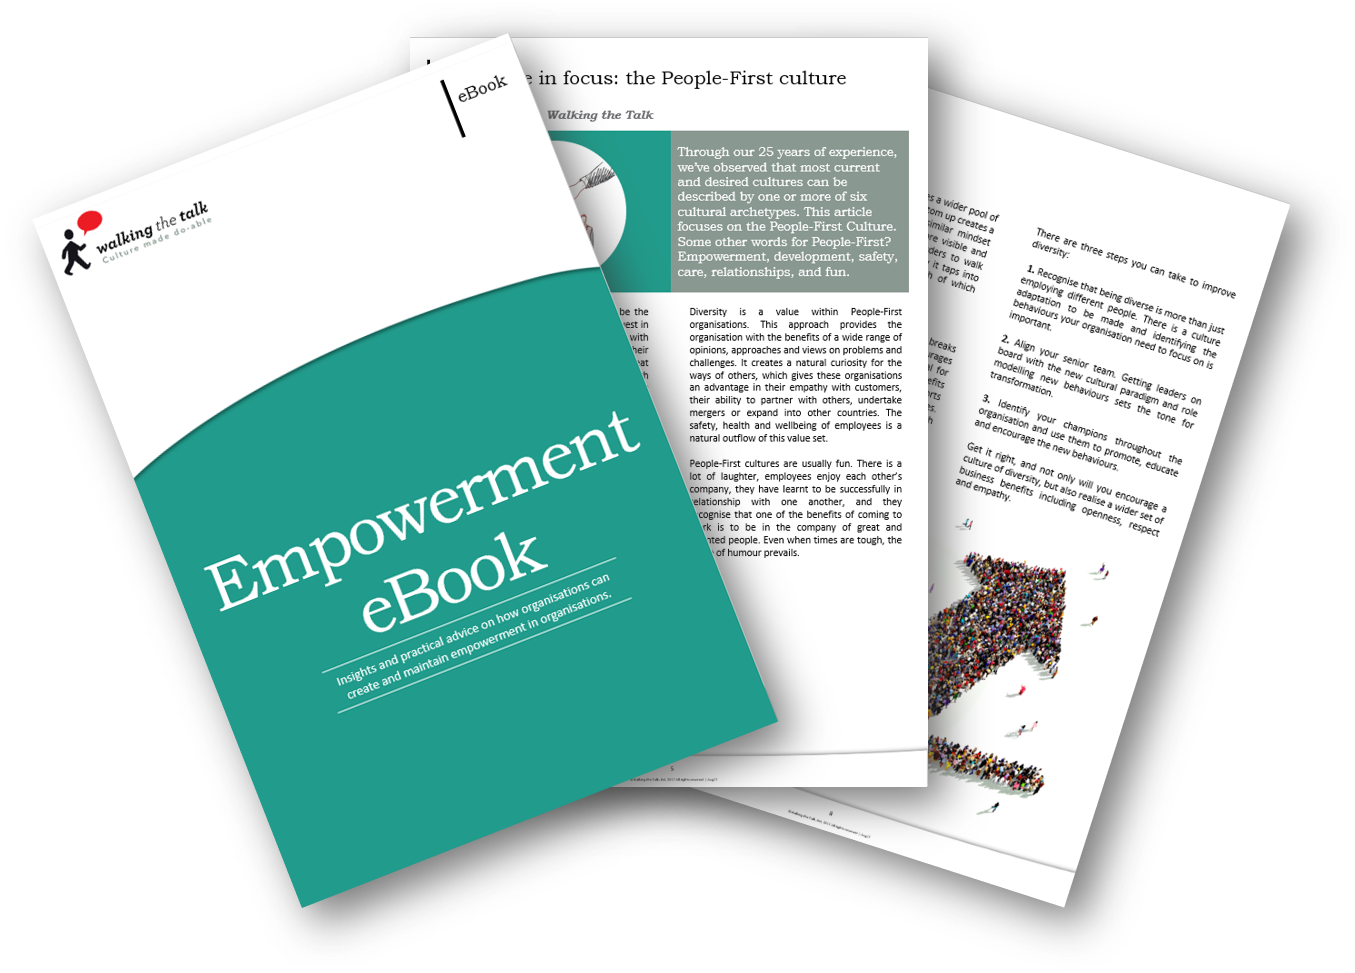 Download Empowerement eBook